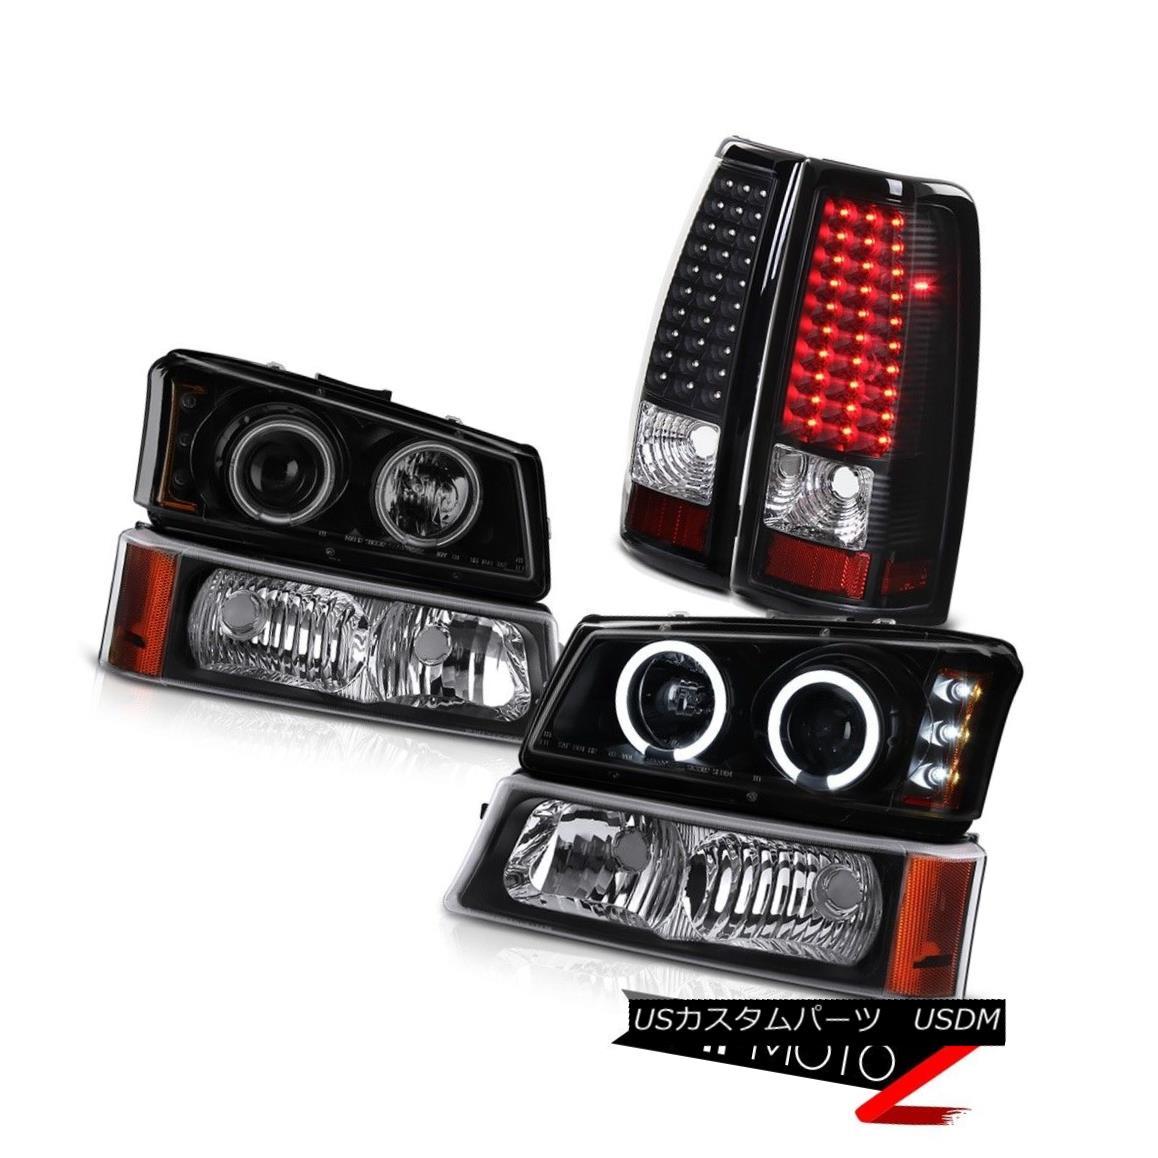 テールライト Headlights w/CCFL Ring Black Bumper Signal LED Tail Lamps 03-06 Silverado Vortec CCFLリング付きヘッドライトブラックバンパー信号LEDテールランプ03-06 Silverado Vortec